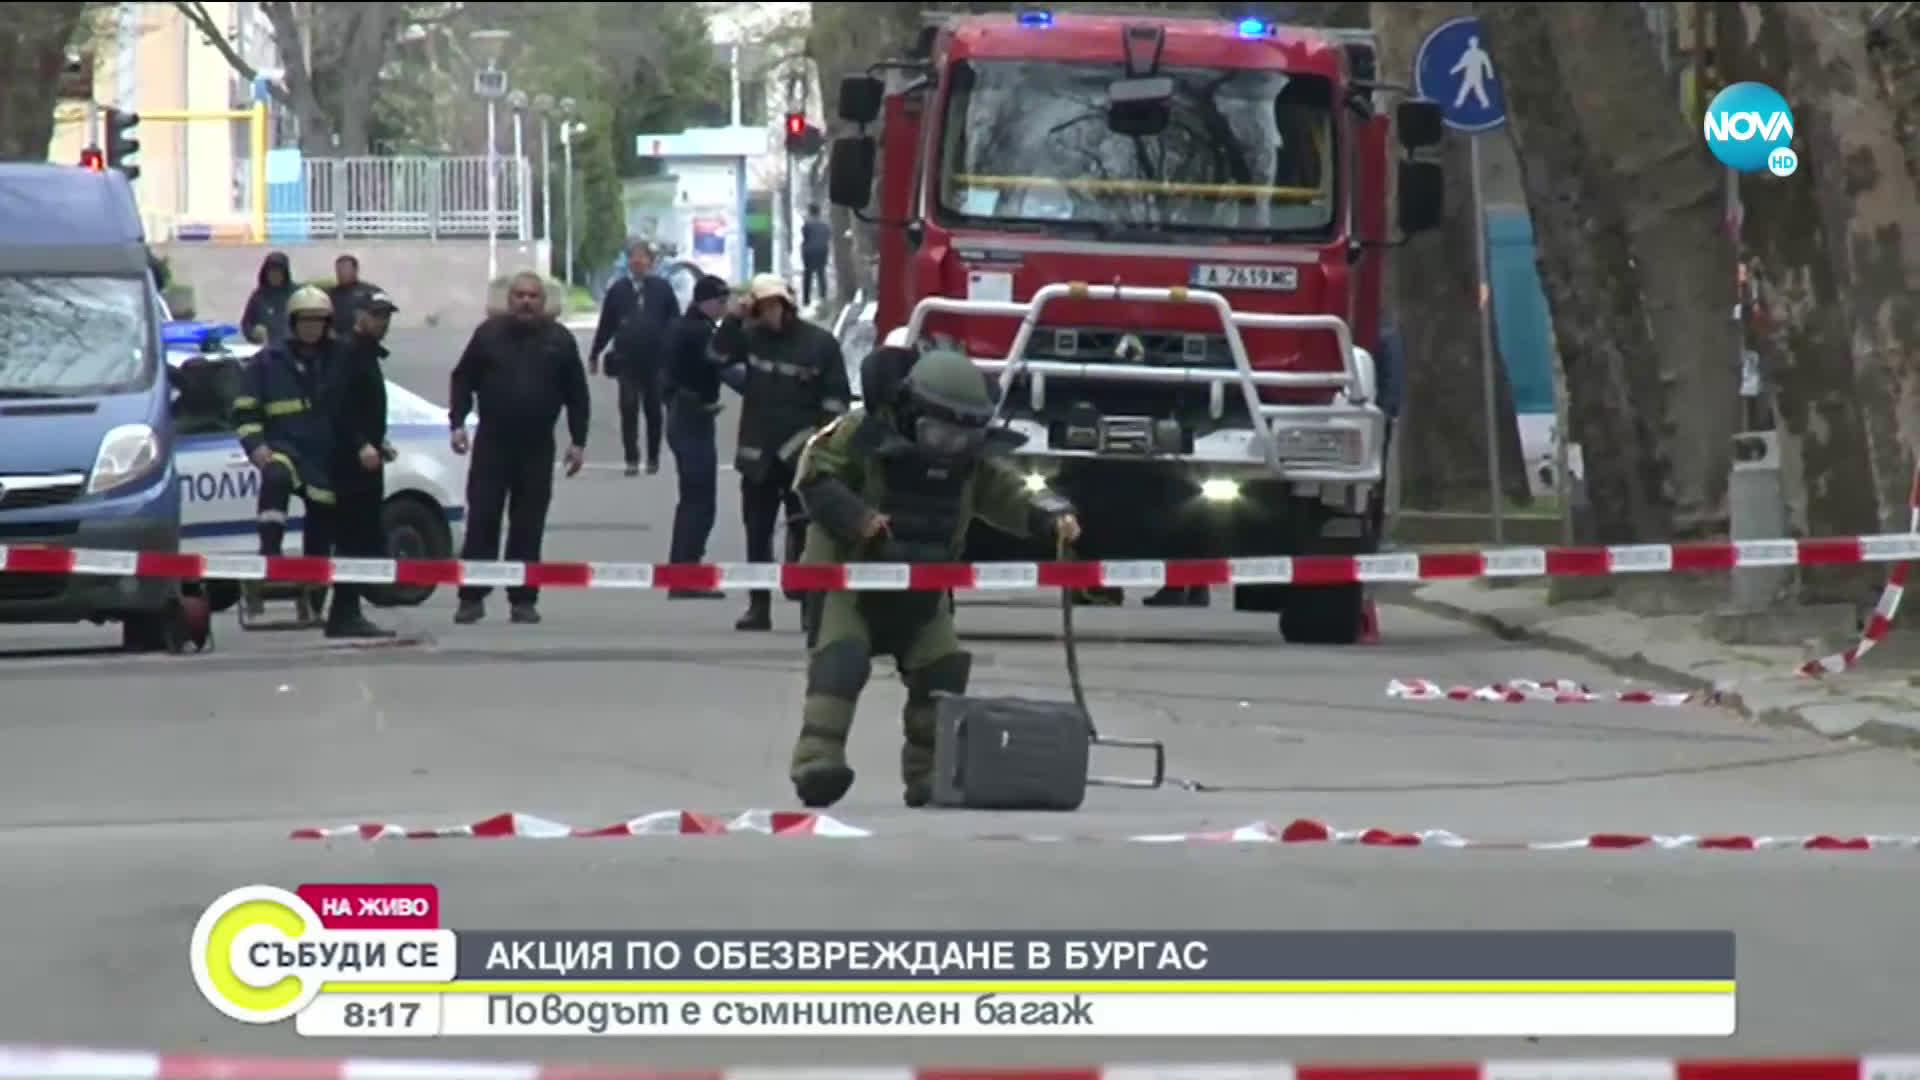 АКЦИЯ В БУРГАС: Сапьори обезвреждат съмнителен багаж